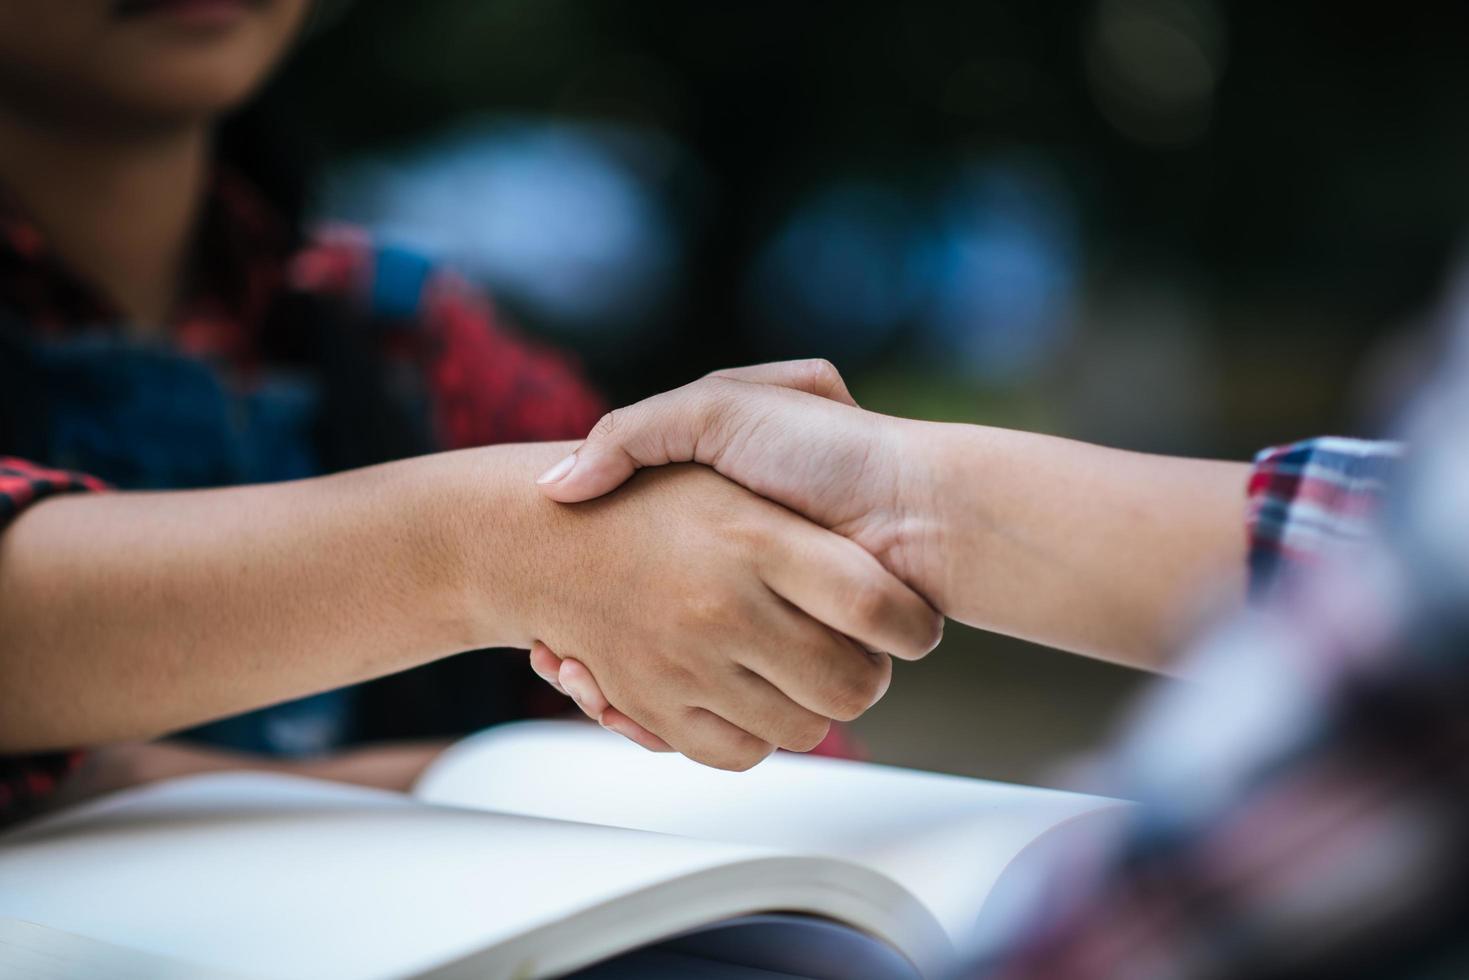 jóvenes estudiantes universitarios se dan la mano en el parque escolar foto